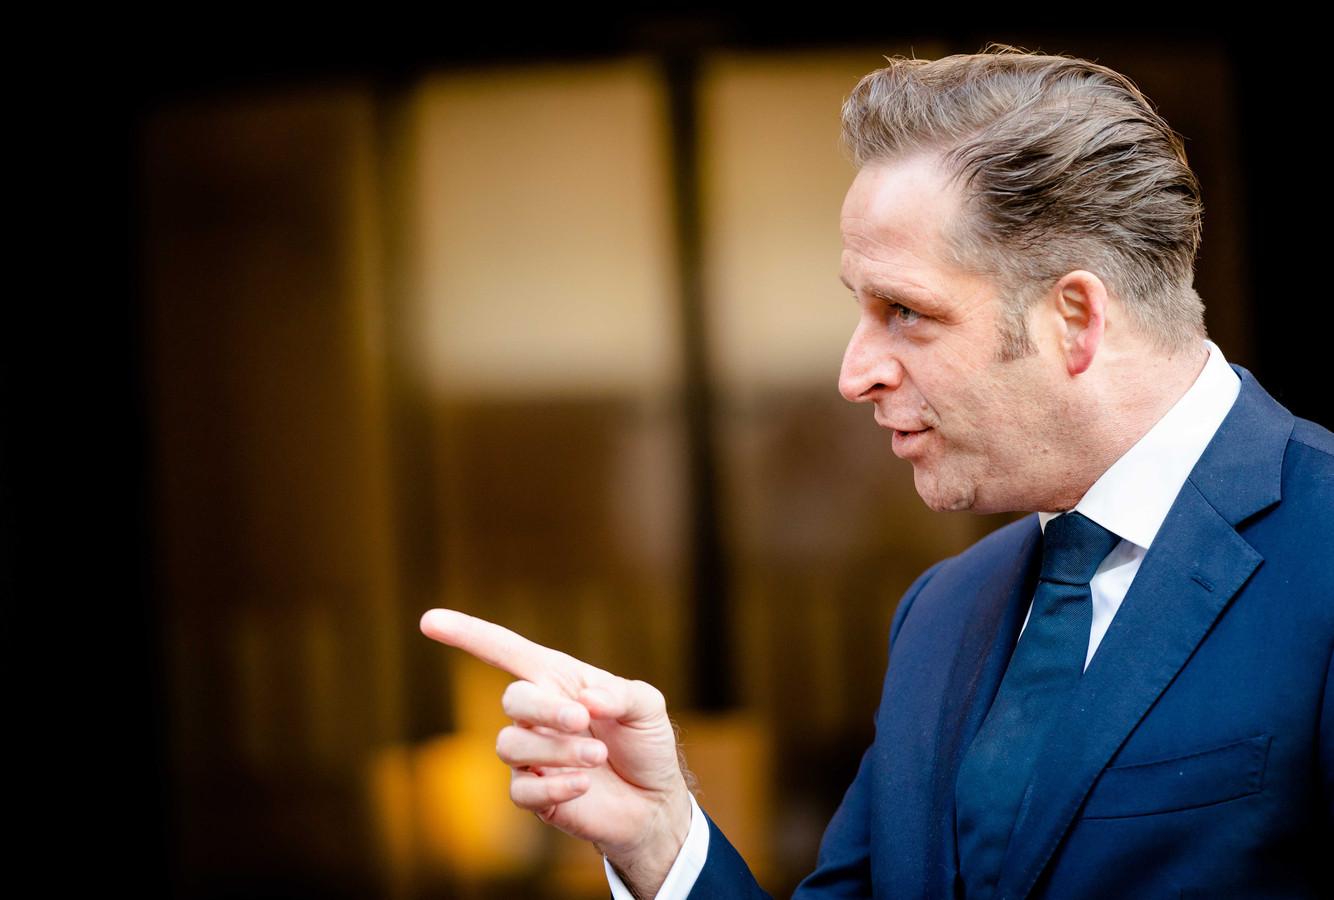 Demissionair Minister Hugo de Jonge van Volksgezondheid